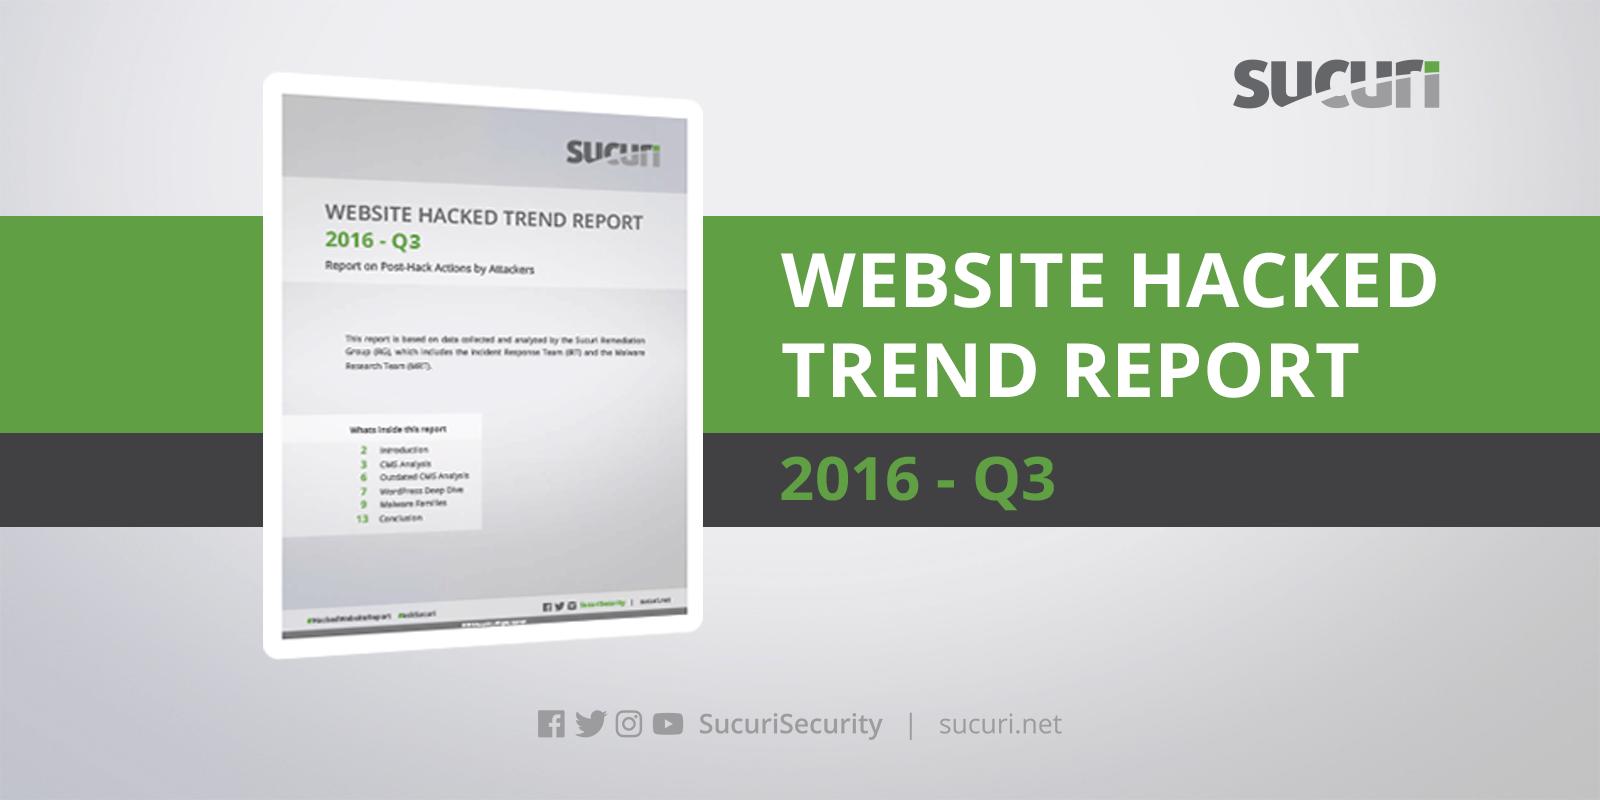 Hacked Website Trend Report 2016 - Q3 Statistics | Sucuri